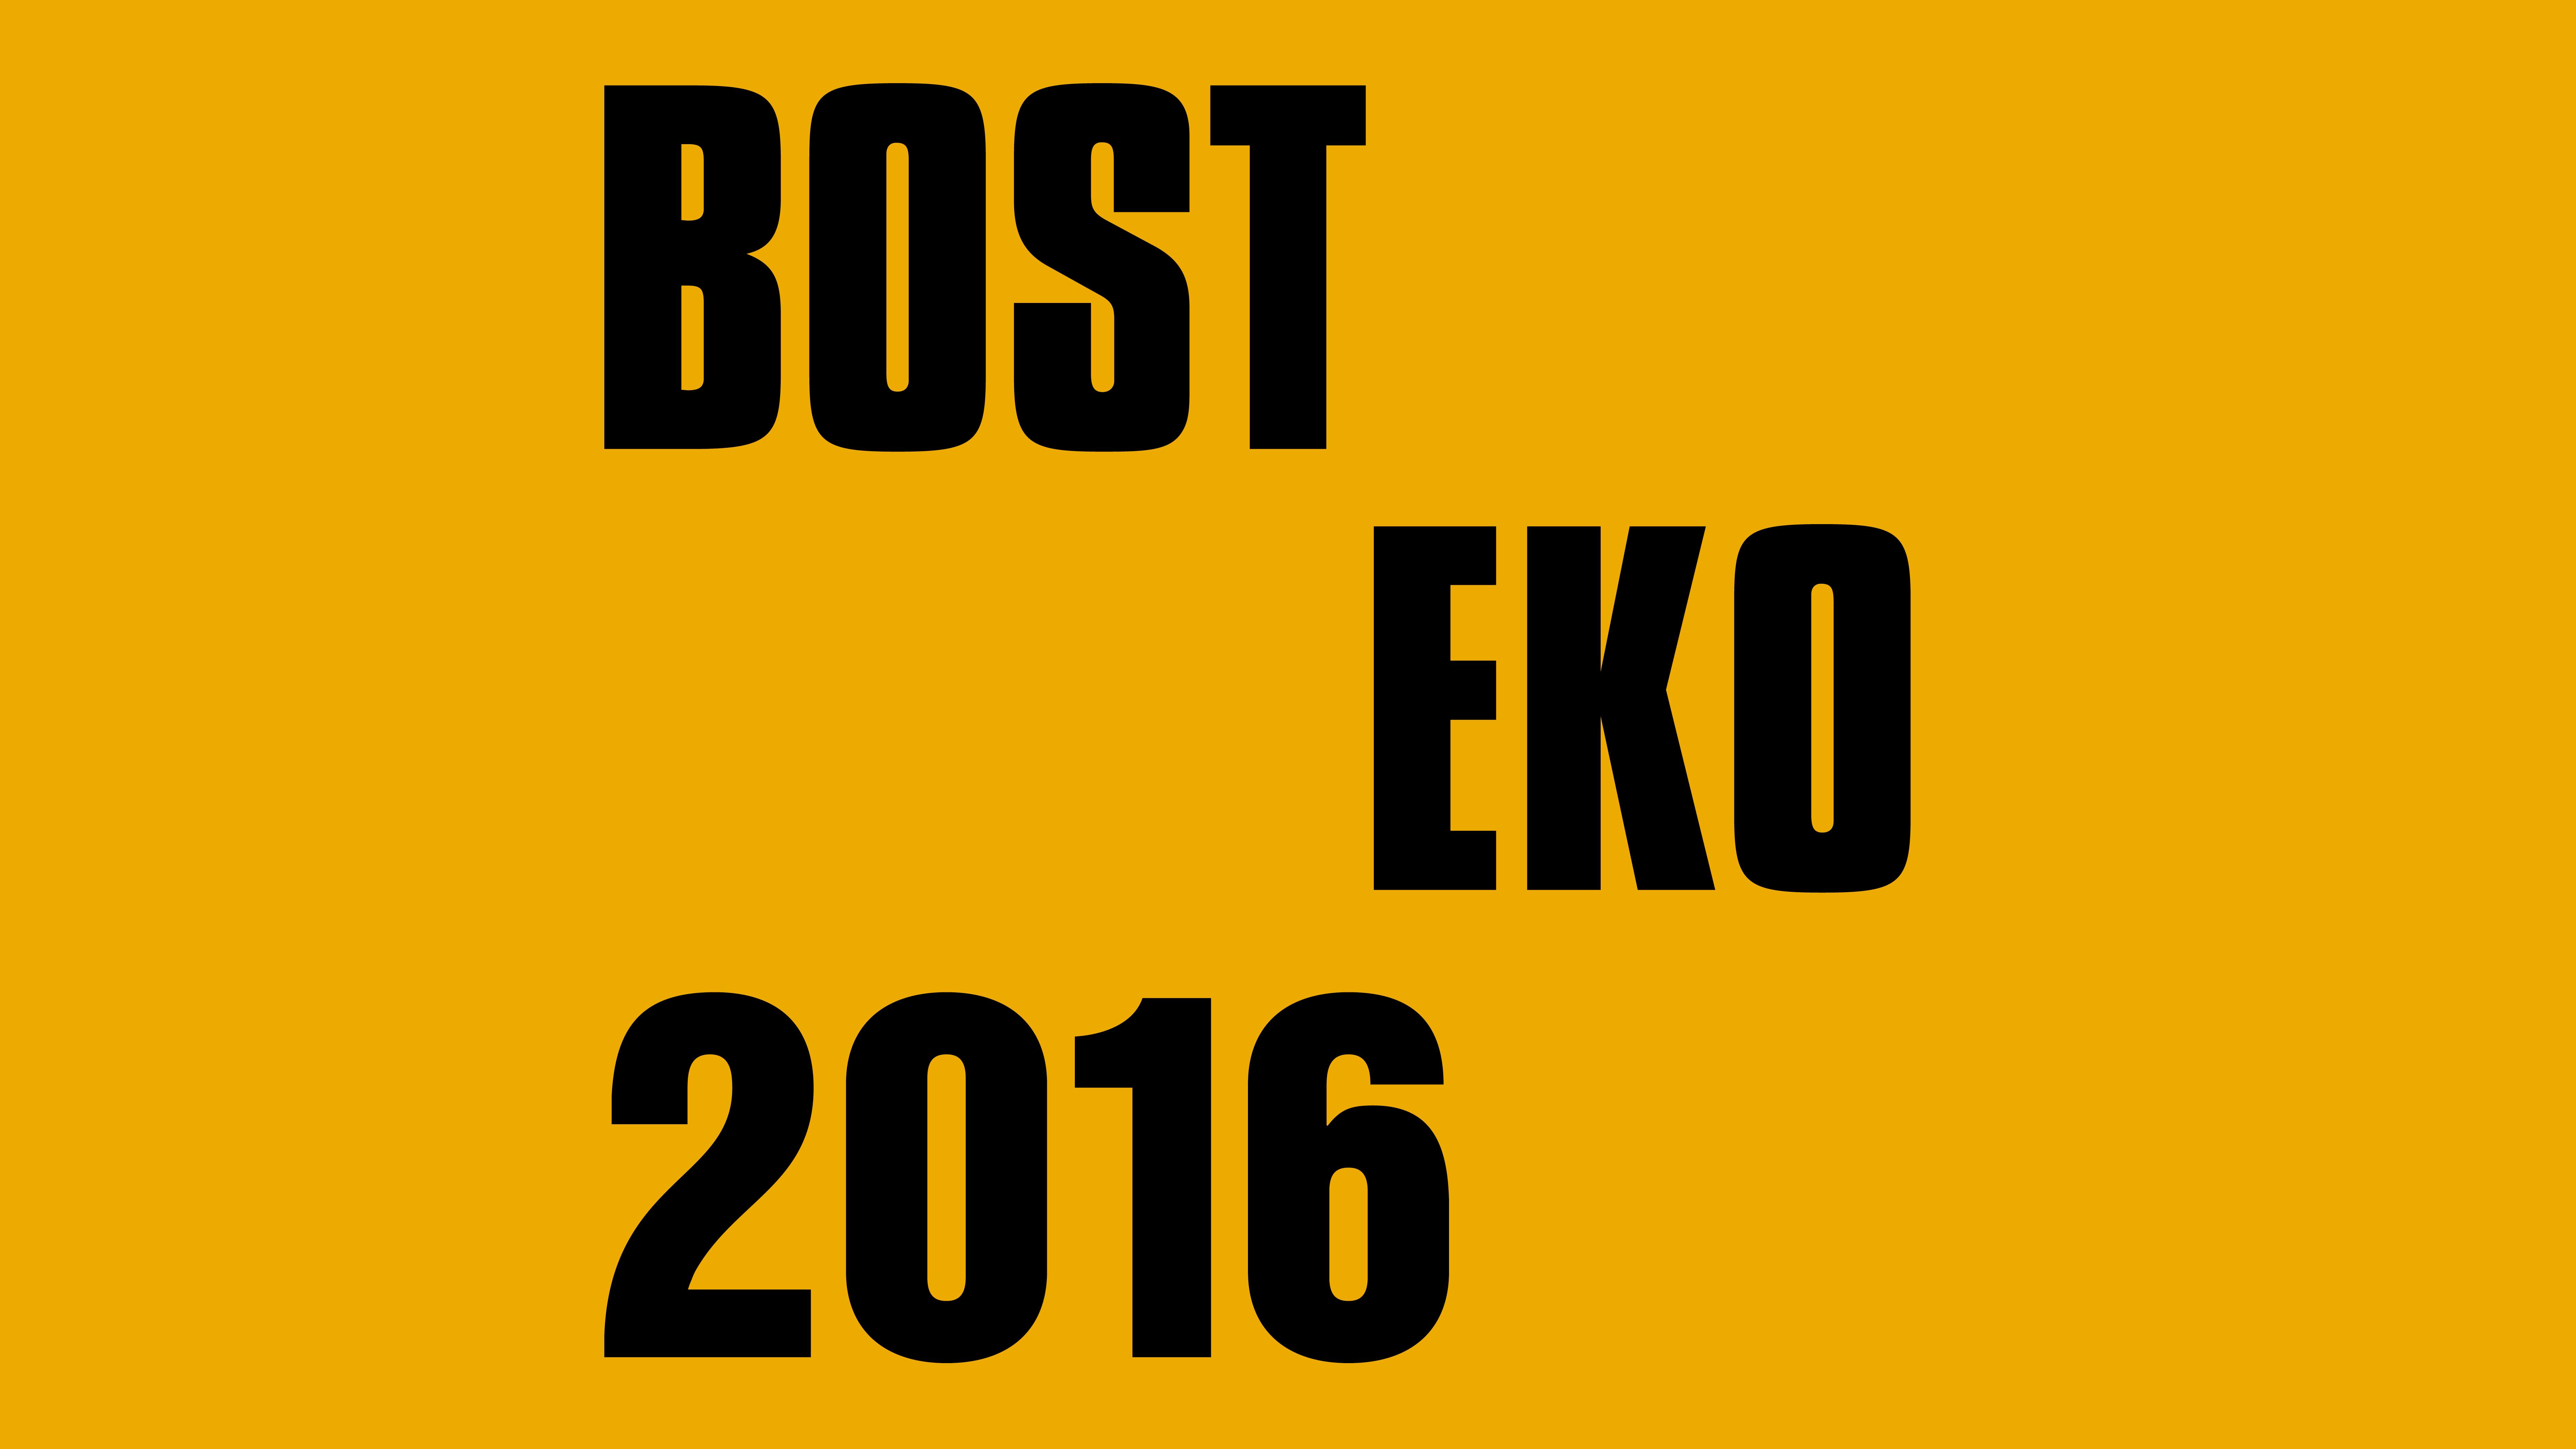 Bosteko 2016